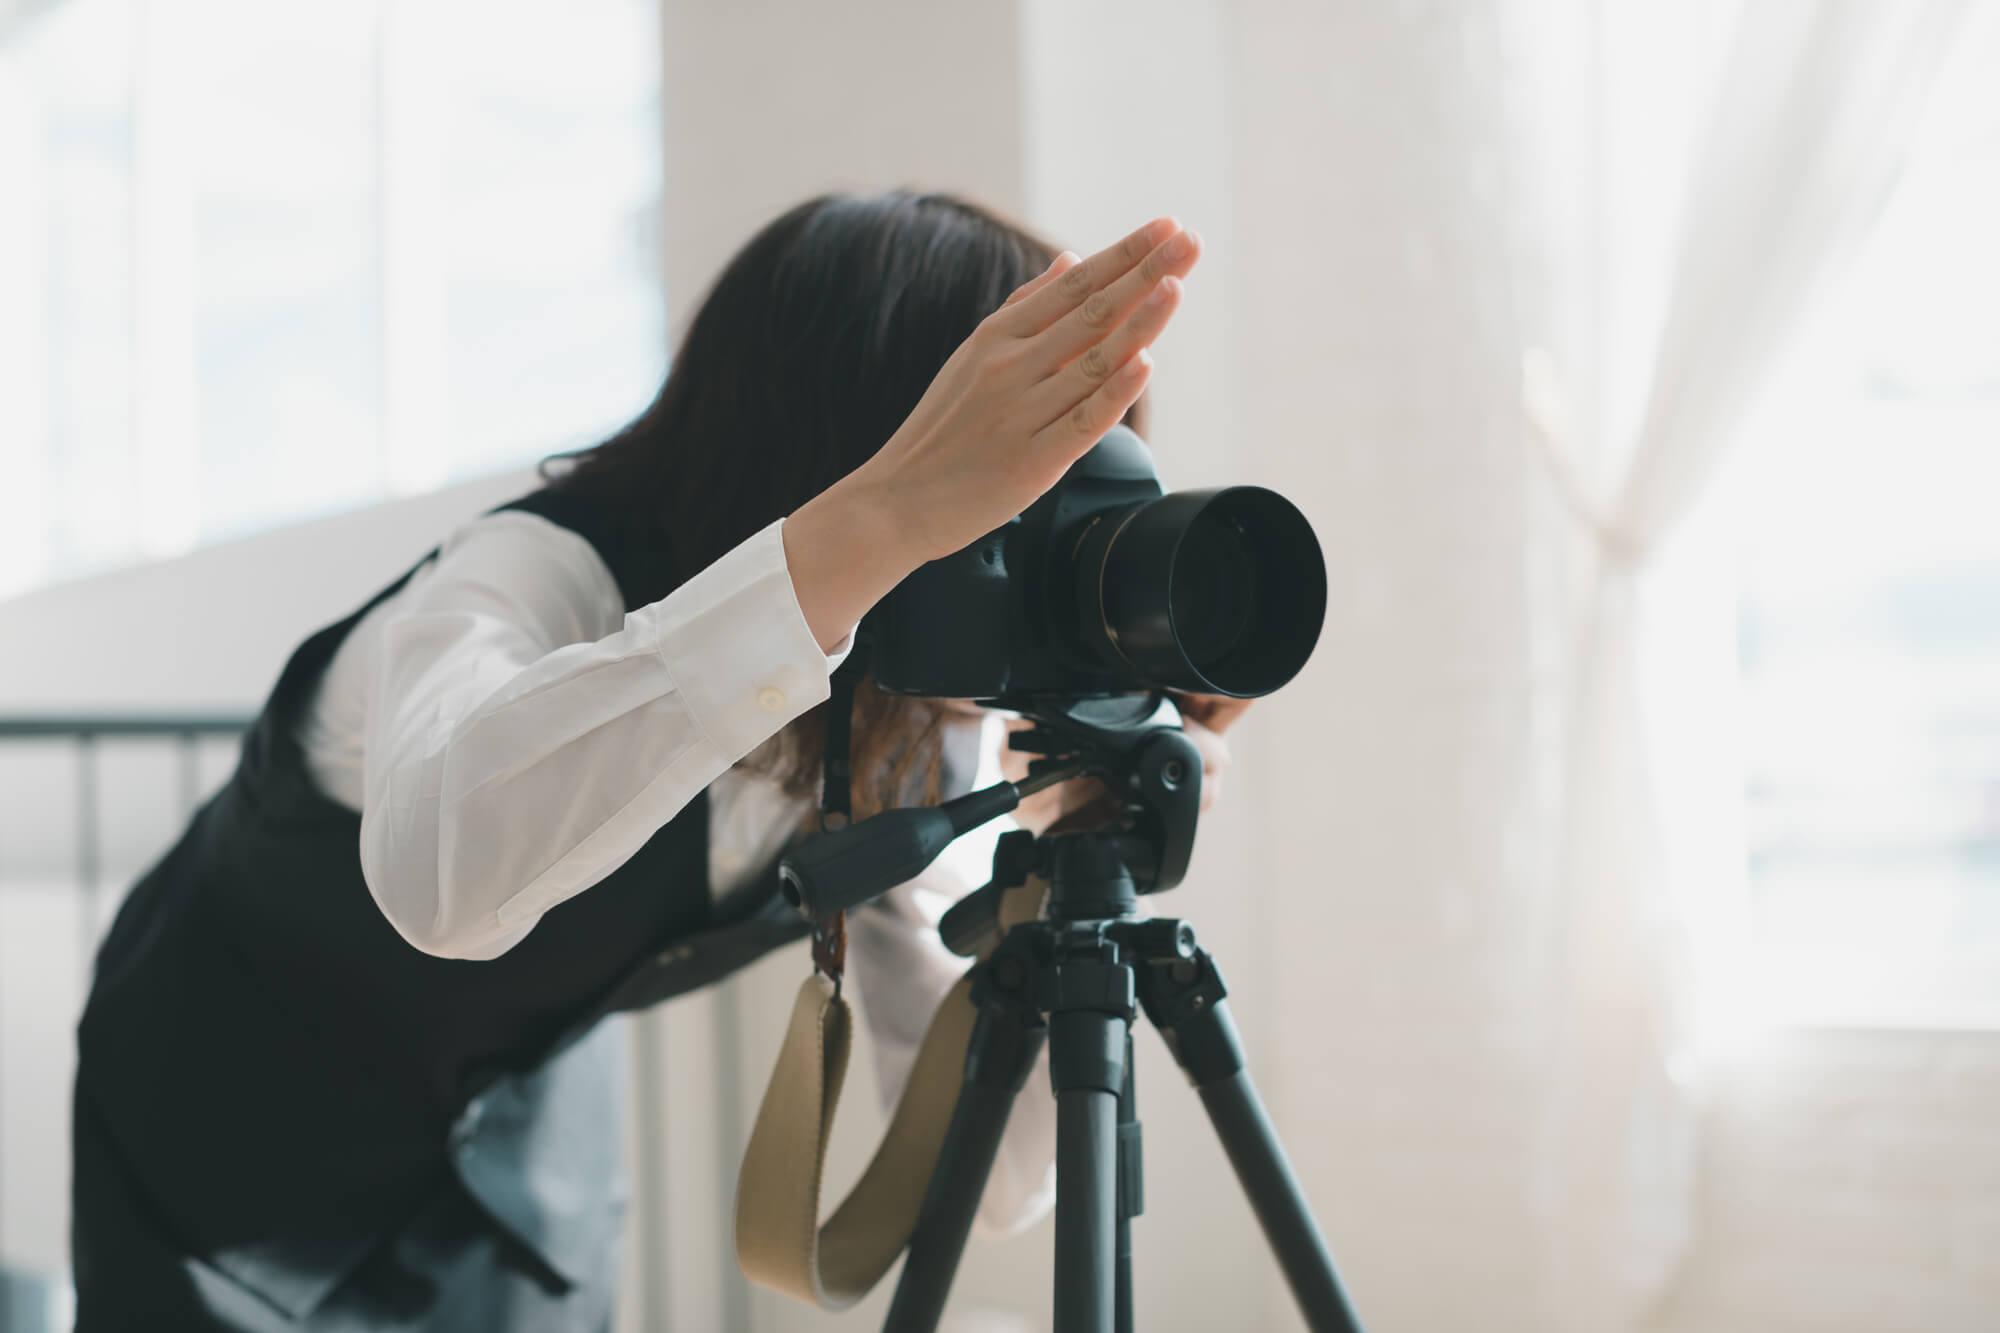 管理会社が不動産契約時に顔写真を求める理由は〇〇です!